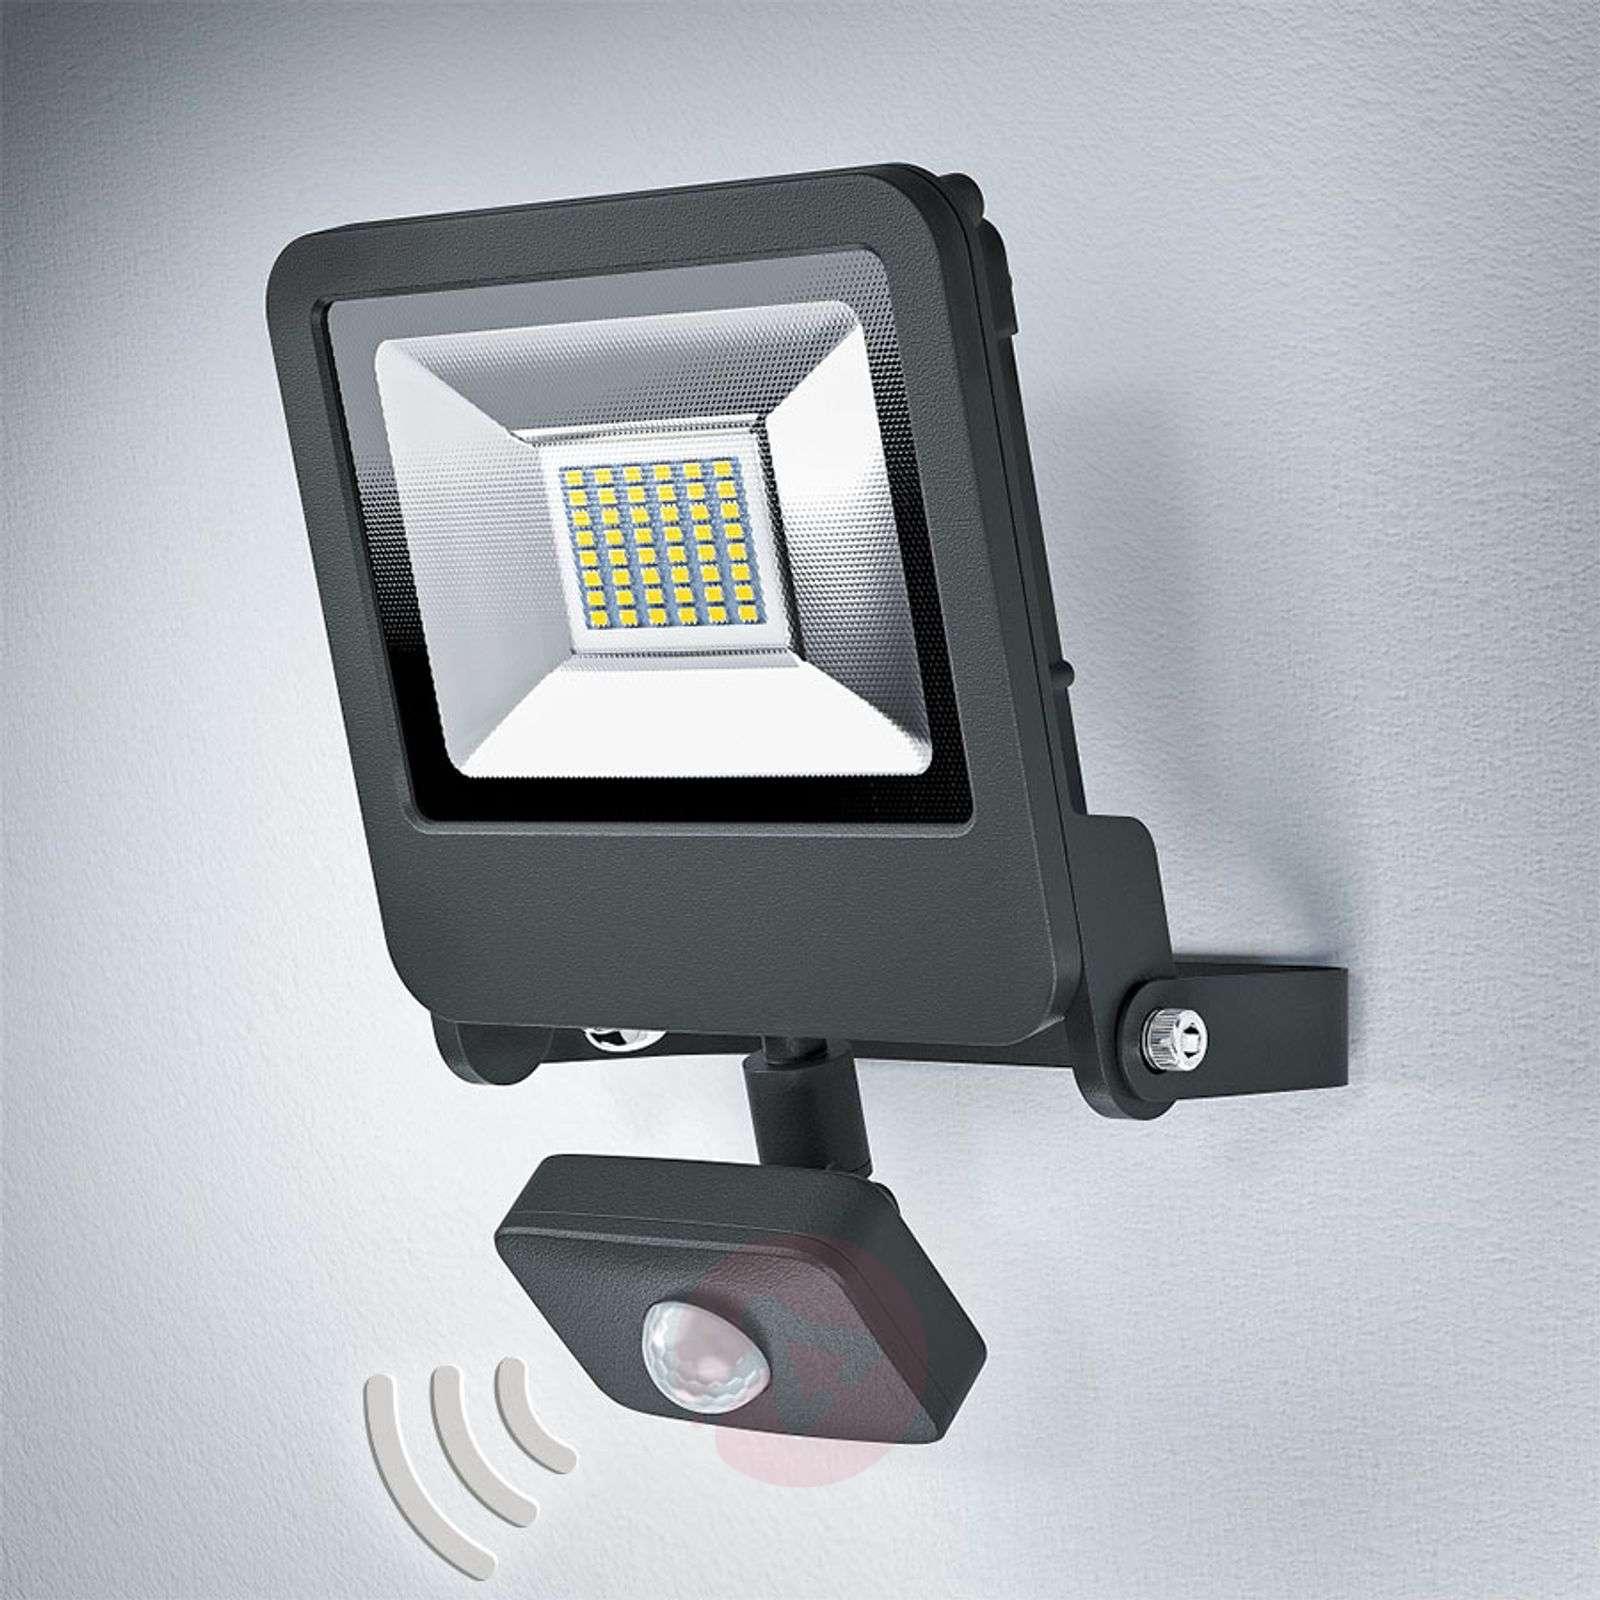 Endura Floodlight Sensor LED outdoor spotlight-7261308-04